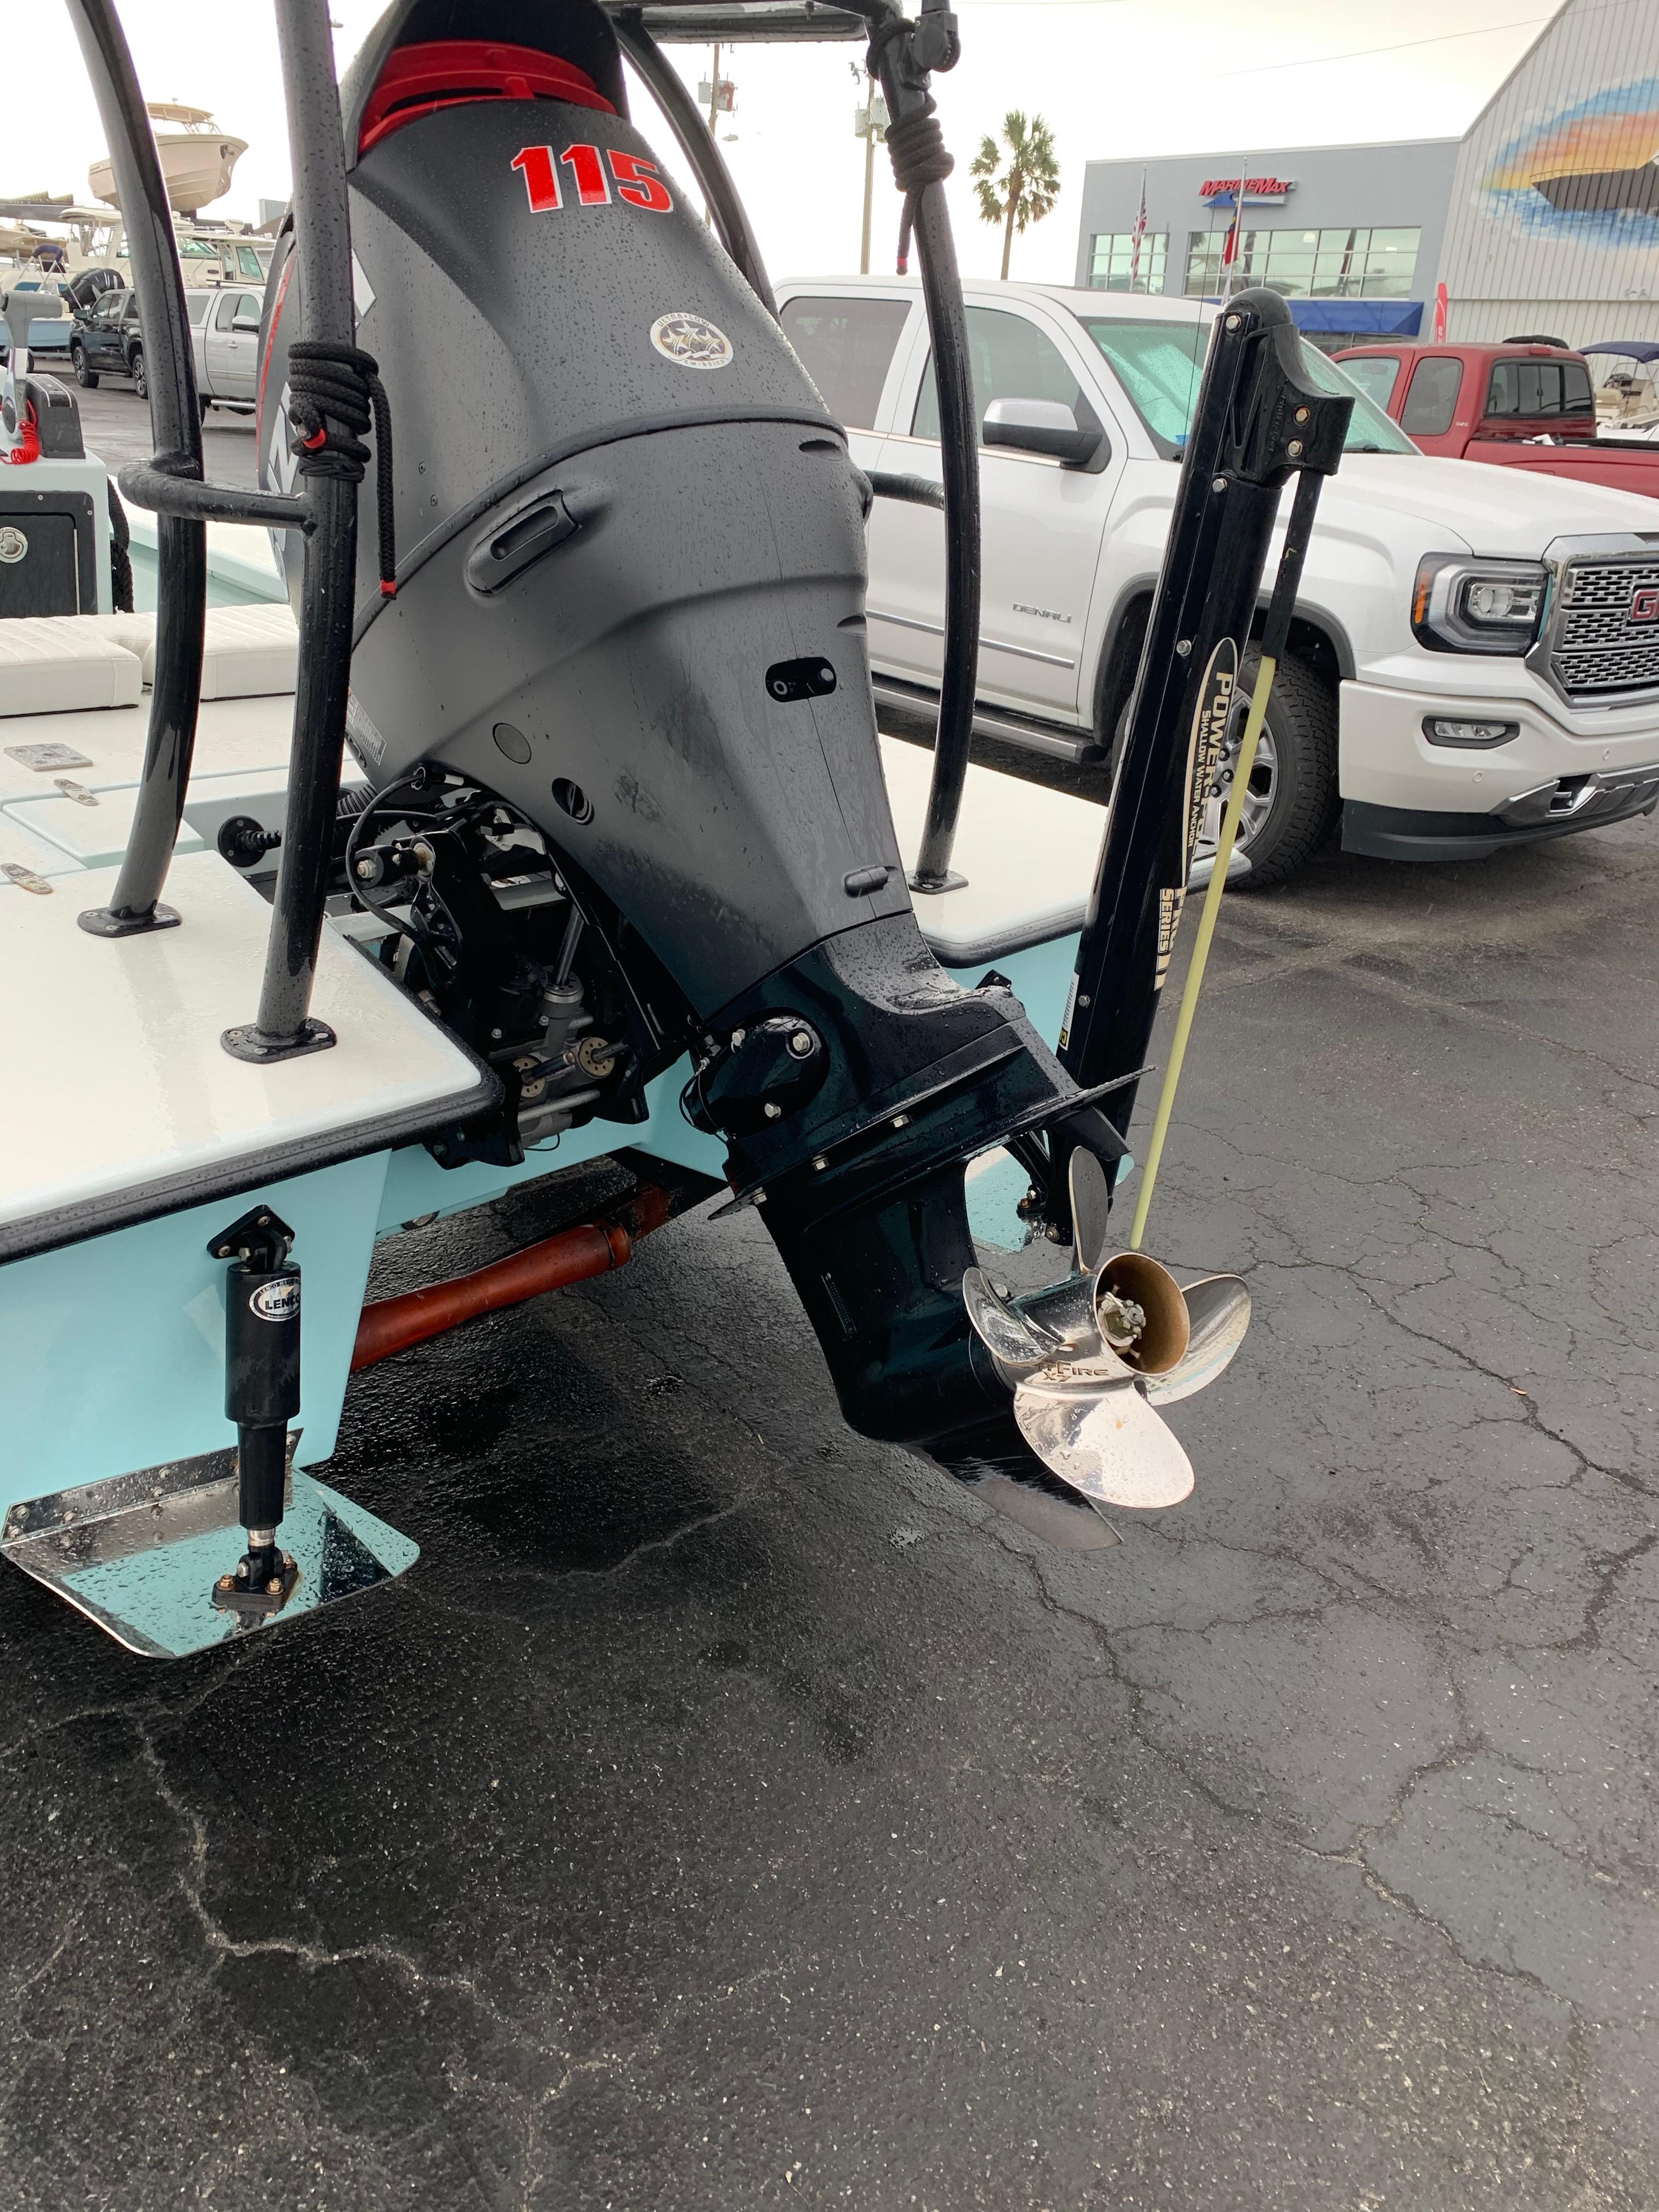 2012 East Cape Vantage 2018 Suzuki 115ss | Microskiff ... Minn Kota Wiring Harness on boat motor wiring, trim tab switch wiring, 24 volt trolling motor wiring, jon boat wiring,